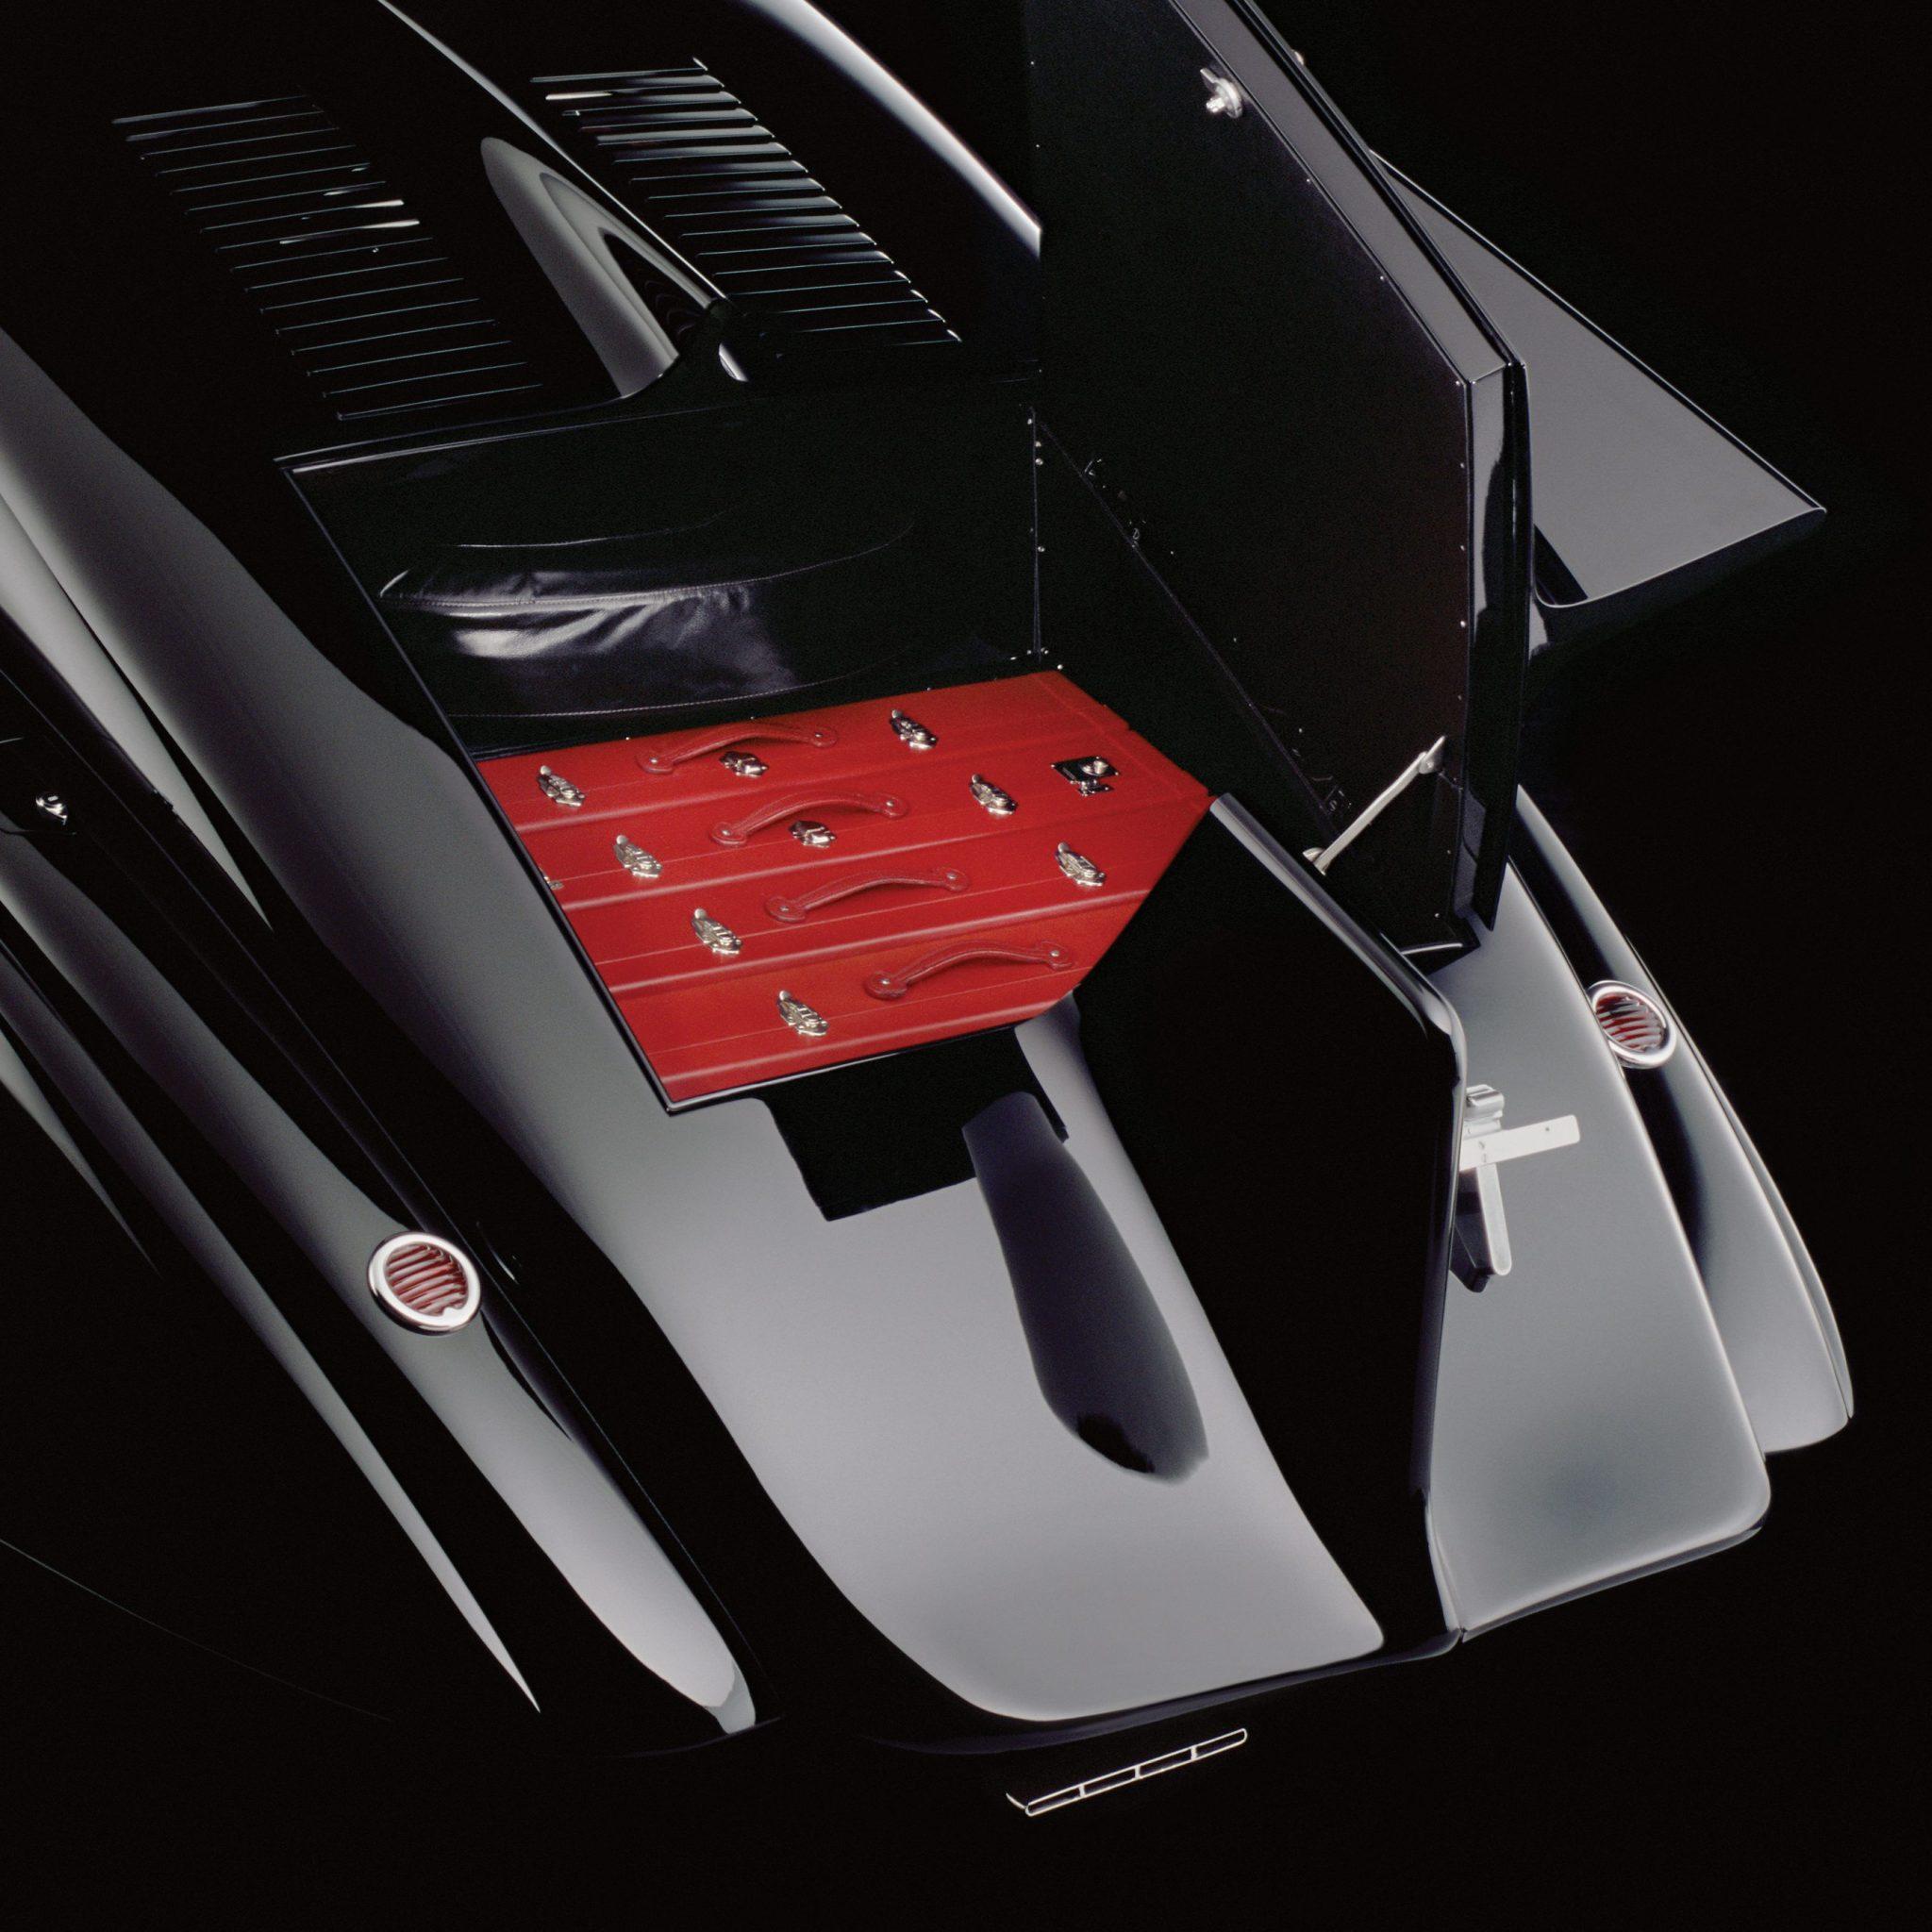 Rolls-Royce Phantom 1 Jonckheere Coupe Trunk And Bespoke Luggage